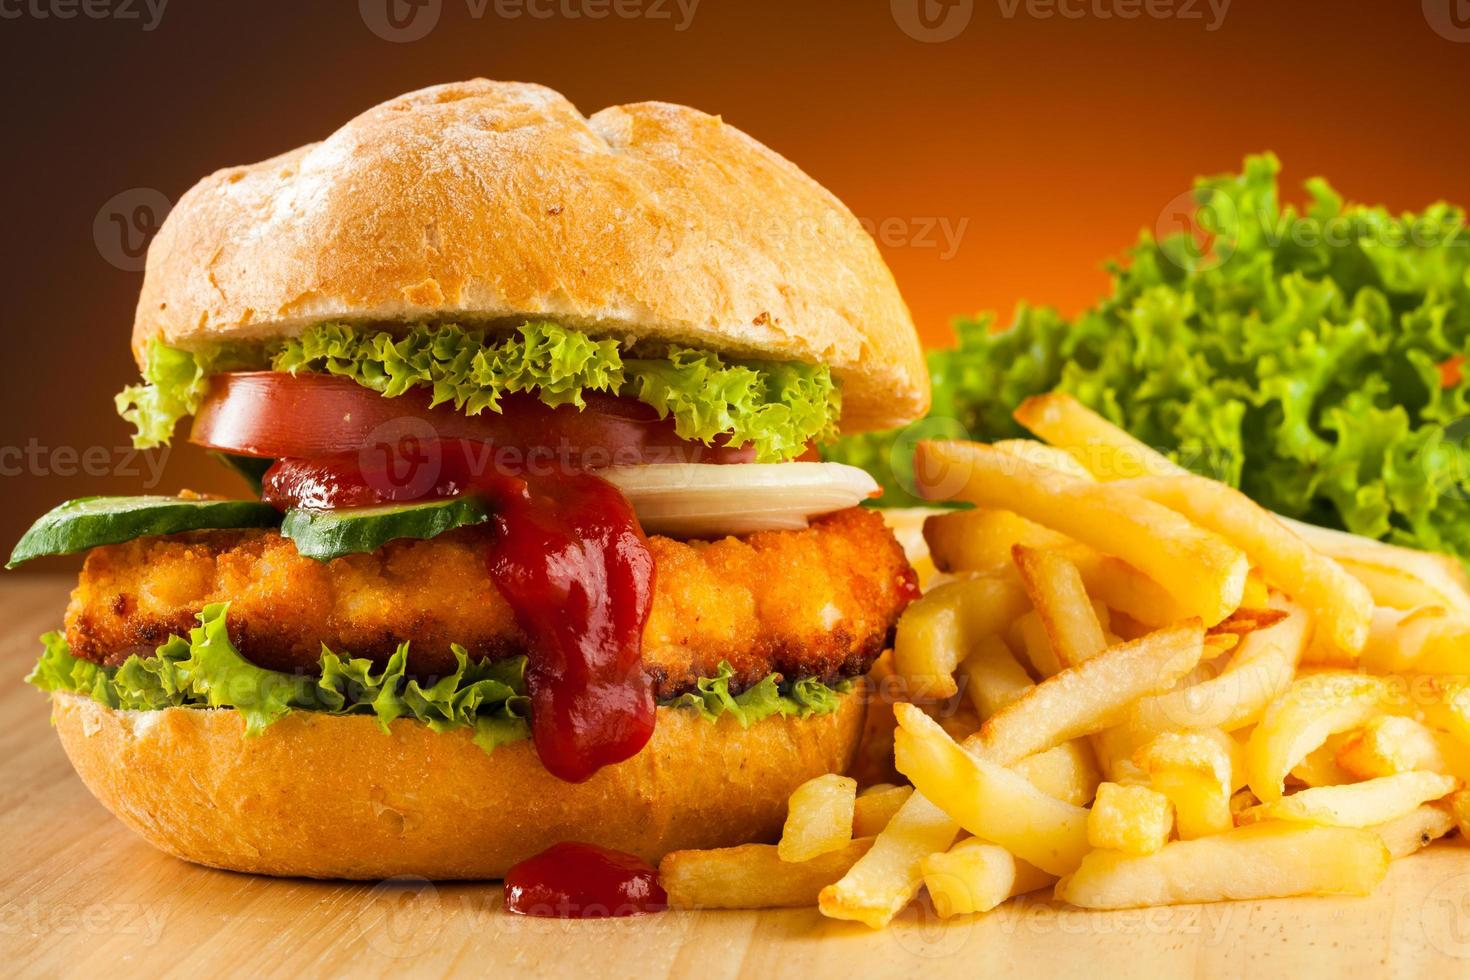 grande hamburger con patatine fritte foto